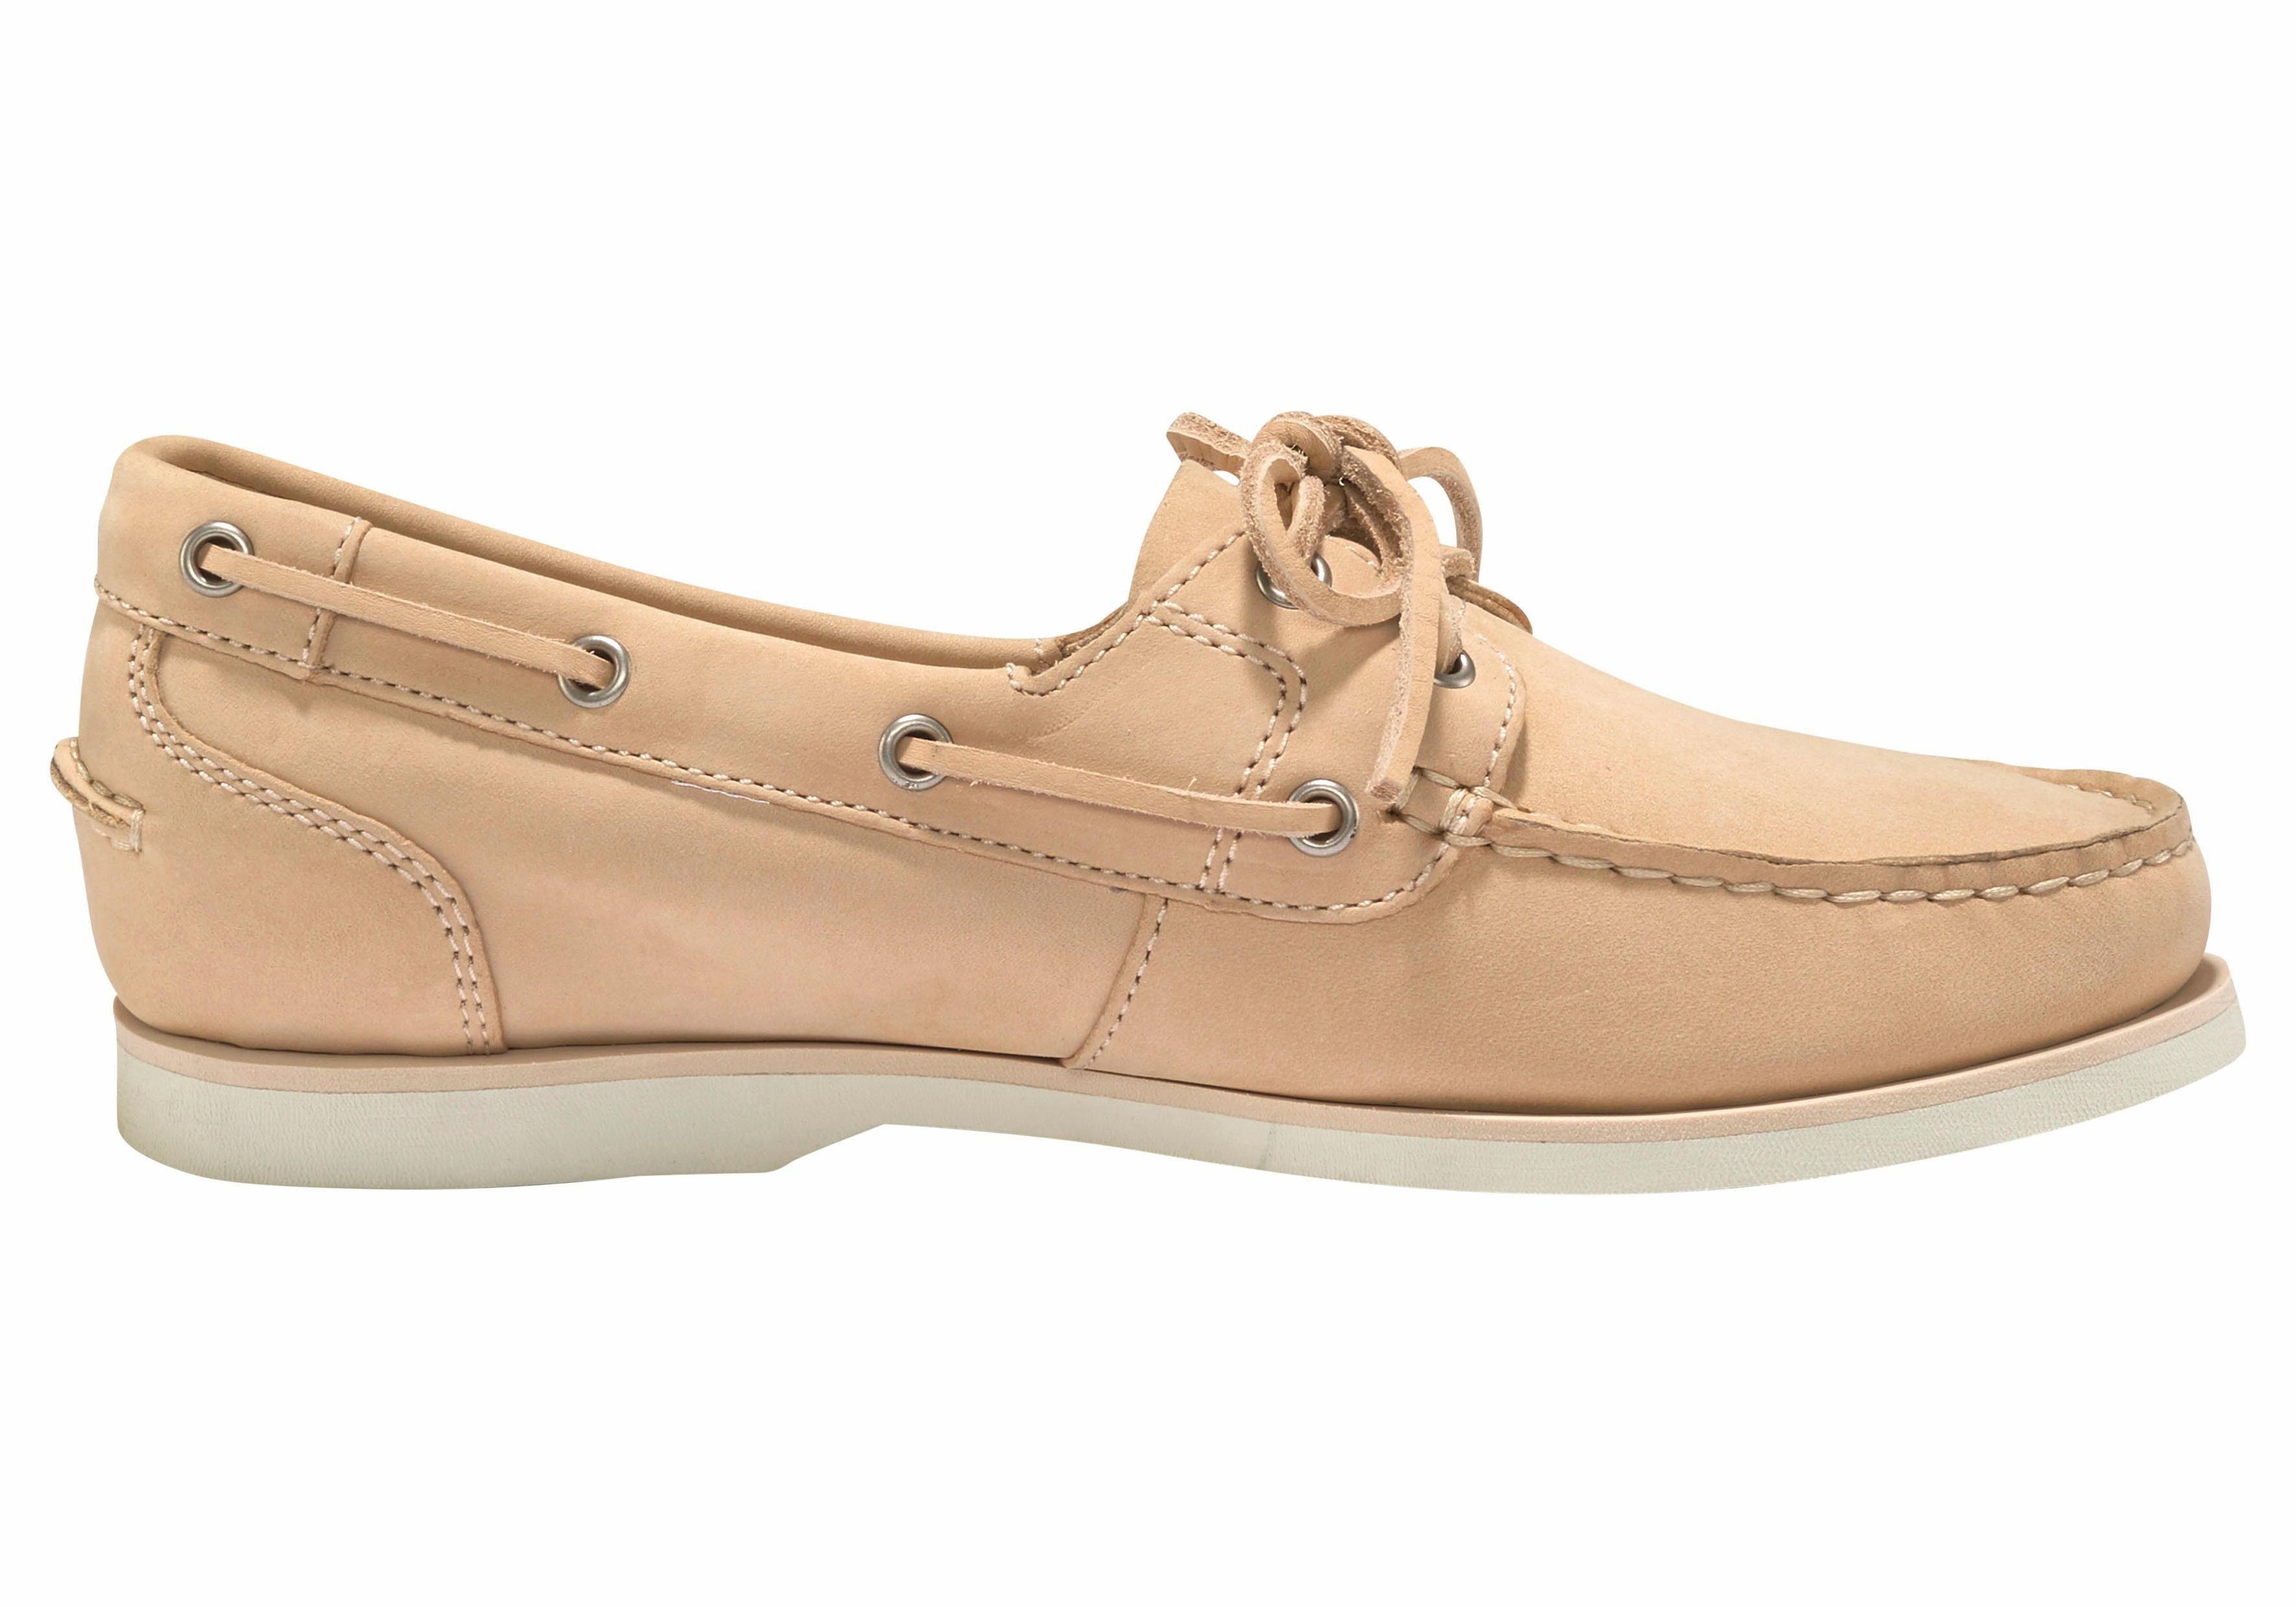 Timberland Chaussures De Sport Avec « Bateau Sans Doublure Bateau Classique » Nue WmhqD